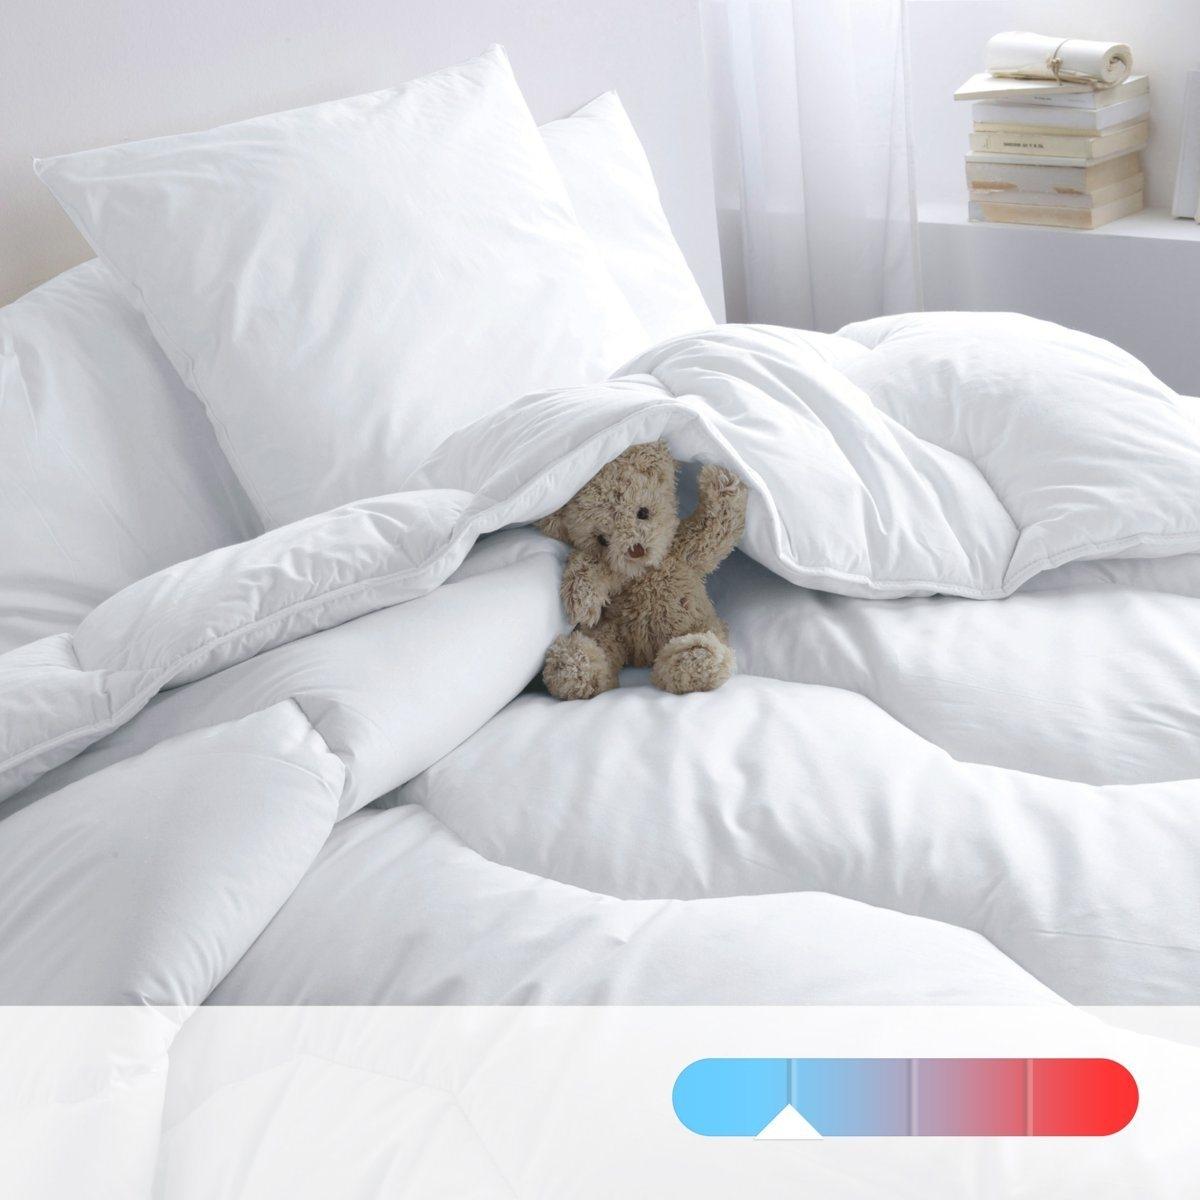 Одеяло синтетическое для летнего периода